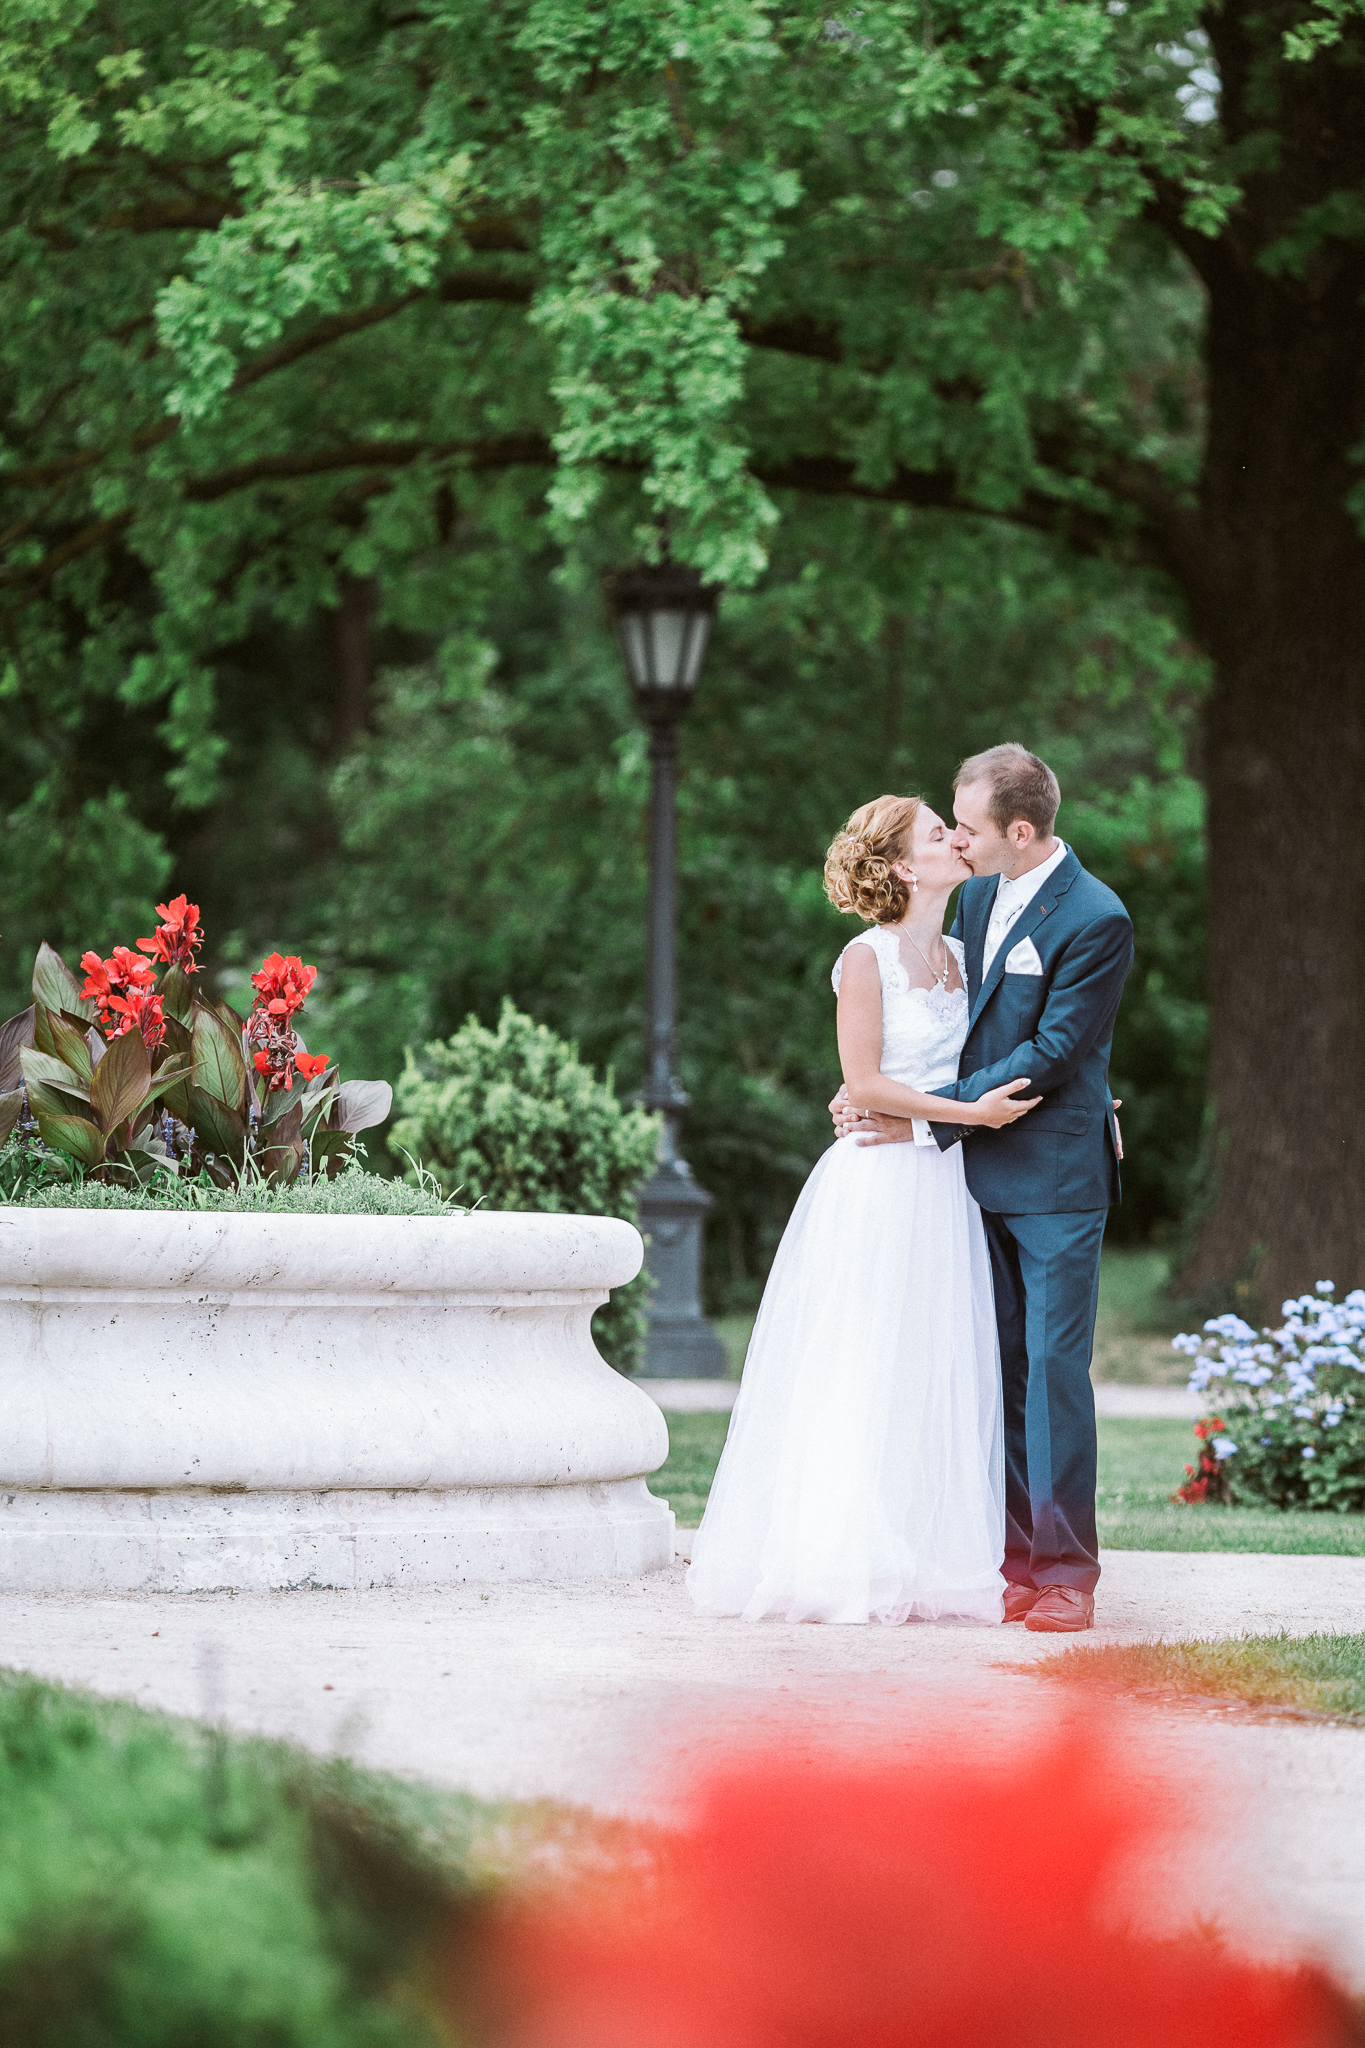 FylepPhoto, esküvőfotós, esküvői fotós Körmend, Szombathely, esküvőfotózás, magyarország, vas megye, prémium, jegyesfotózás, Fülöp Péter, körmend, kreatív, fotográfus_36-2.jpg